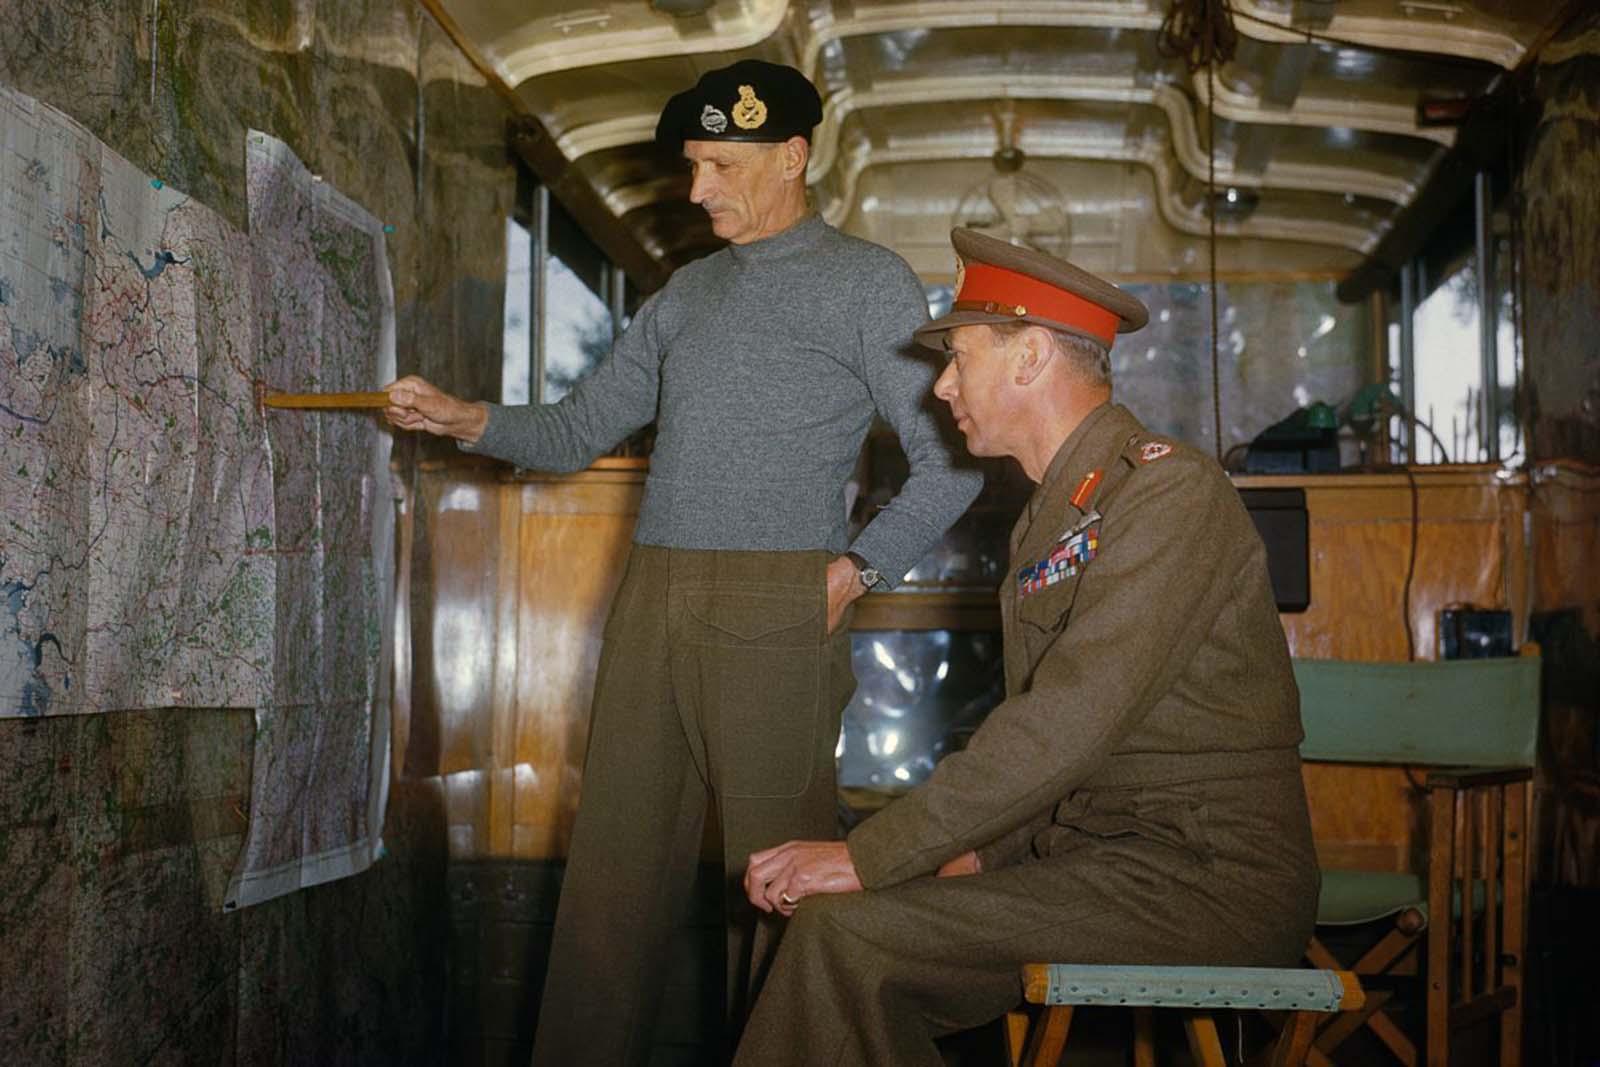 Sir Bernard Montgomery tábornagy magyarázza el a szövetségesek stratégiáját VI. György királynak hollandiai karavánjában.  1944.